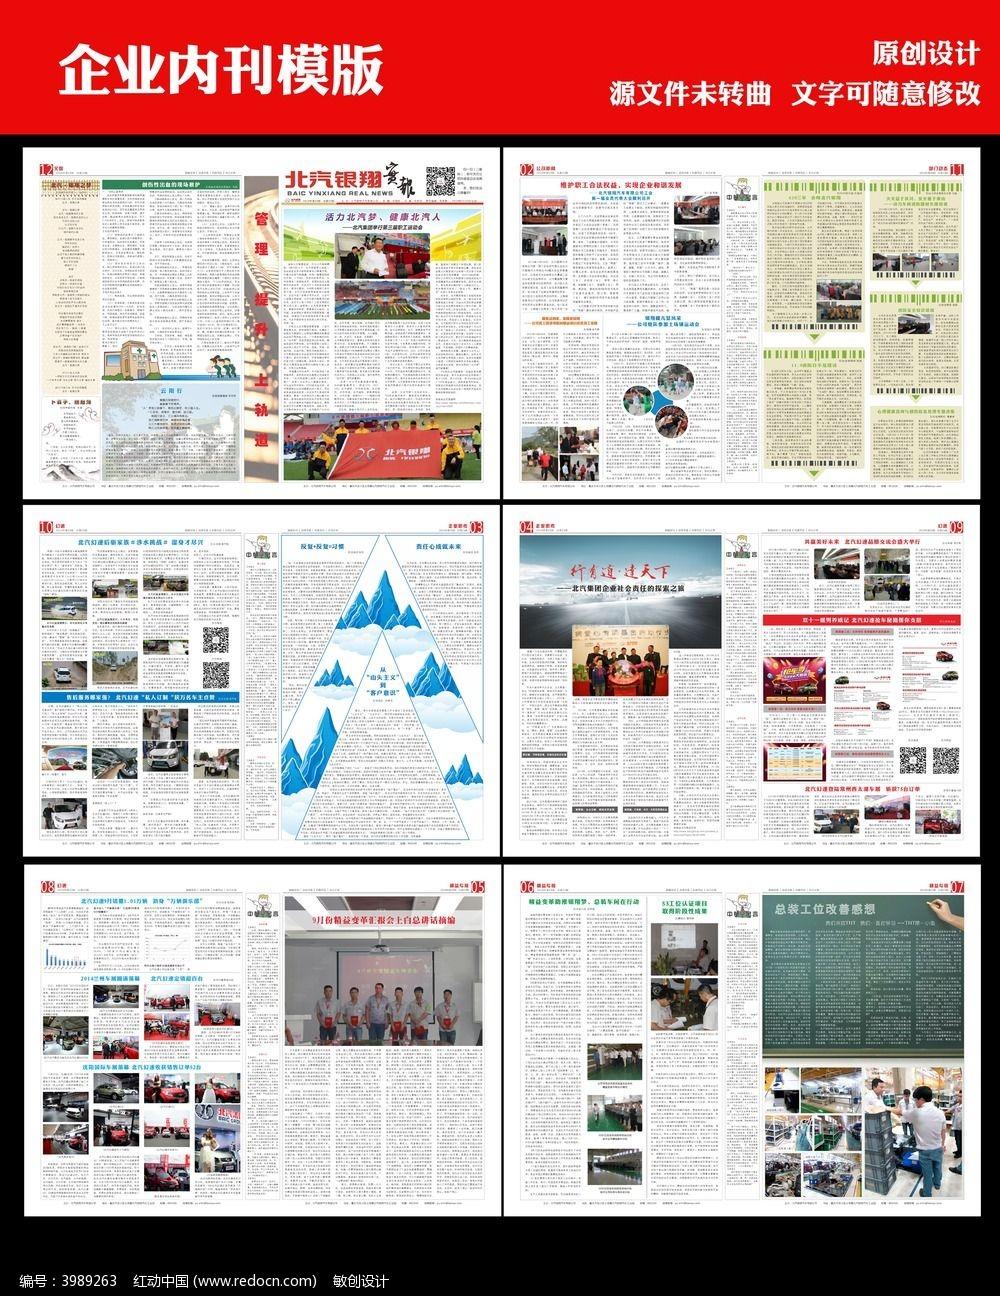 汽车企业内刊版面设计图片